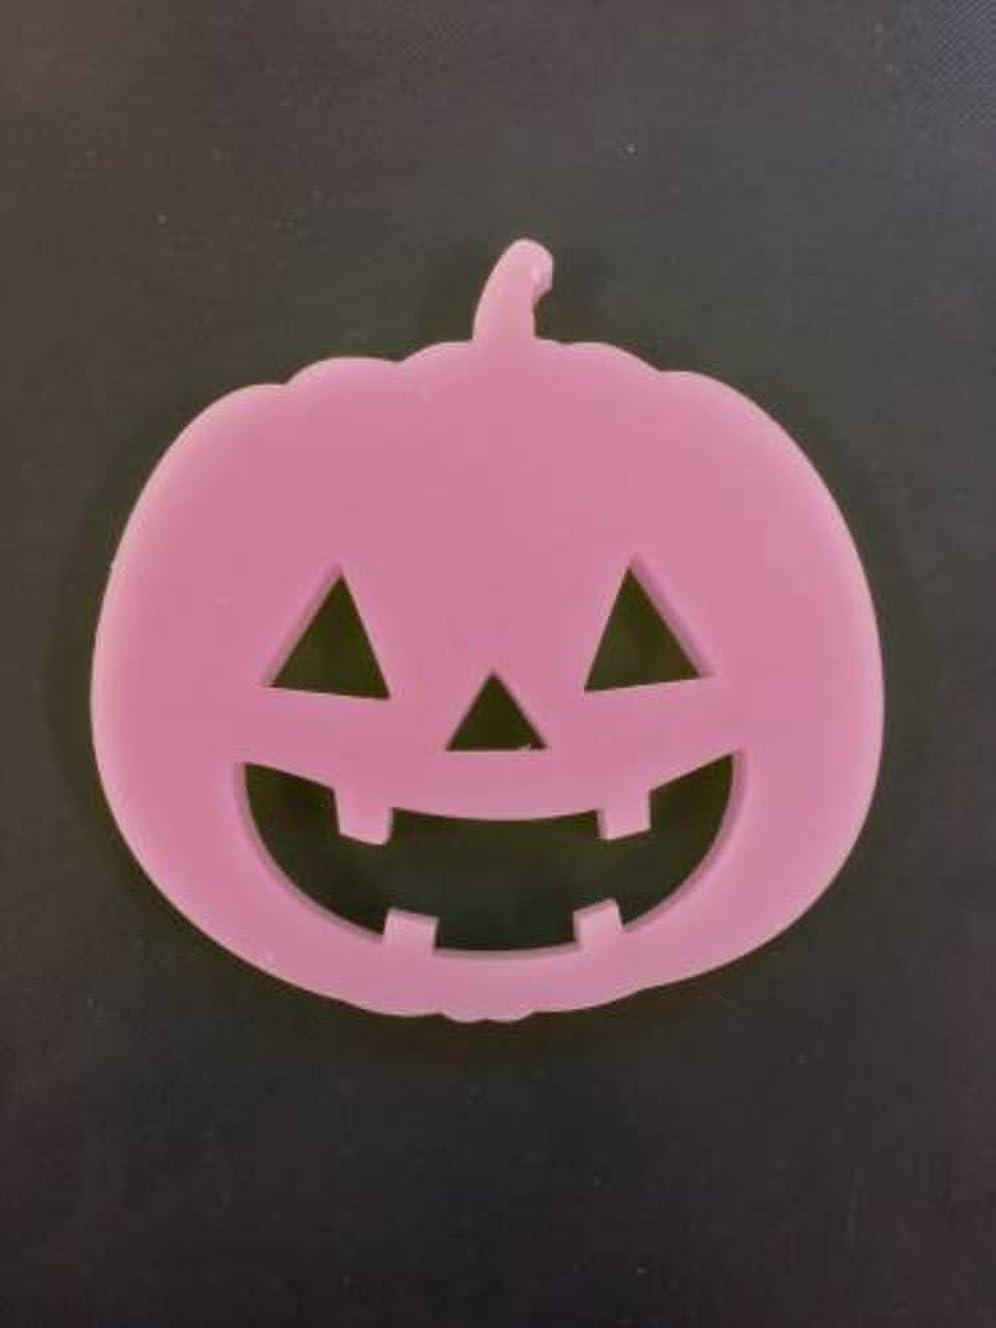 色合いサーフィンあまりにもGRASSE TOKYO AROMATICWAXチャーム「ハロウィンかぼちゃ」(PI) ゼラニウム アロマティックワックス グラーストウキョウ